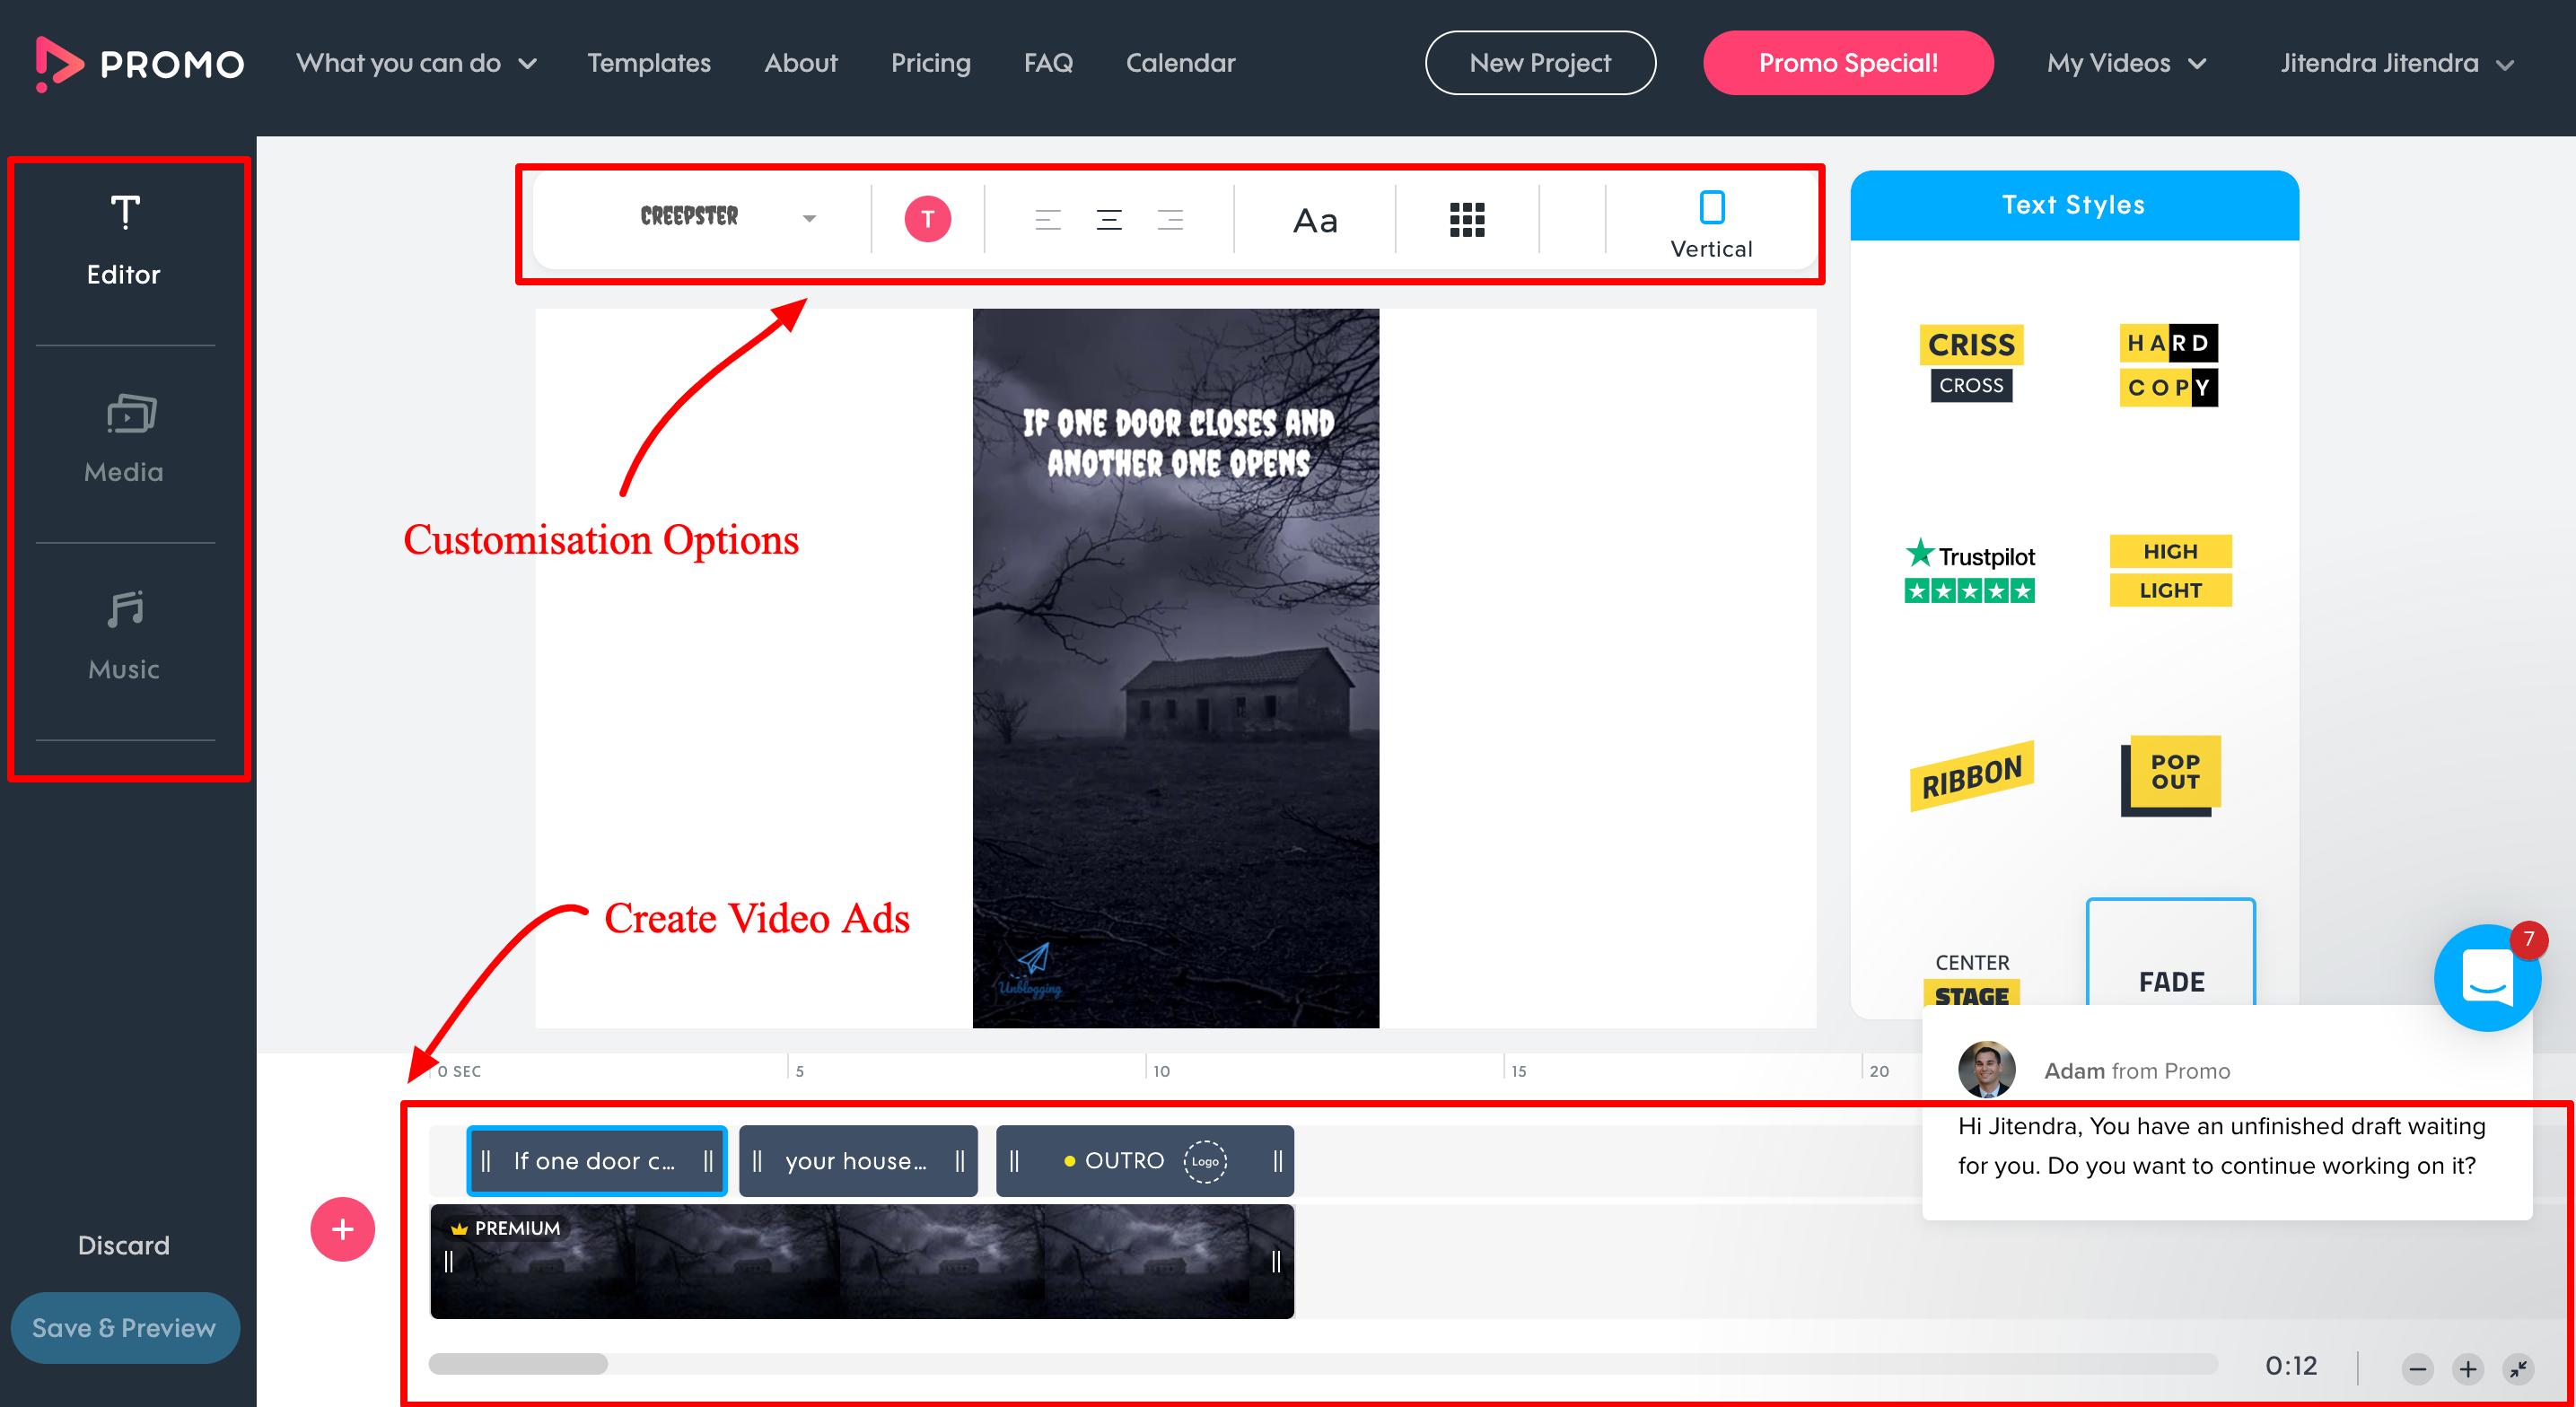 Promo.com Review- The Video Ad maker